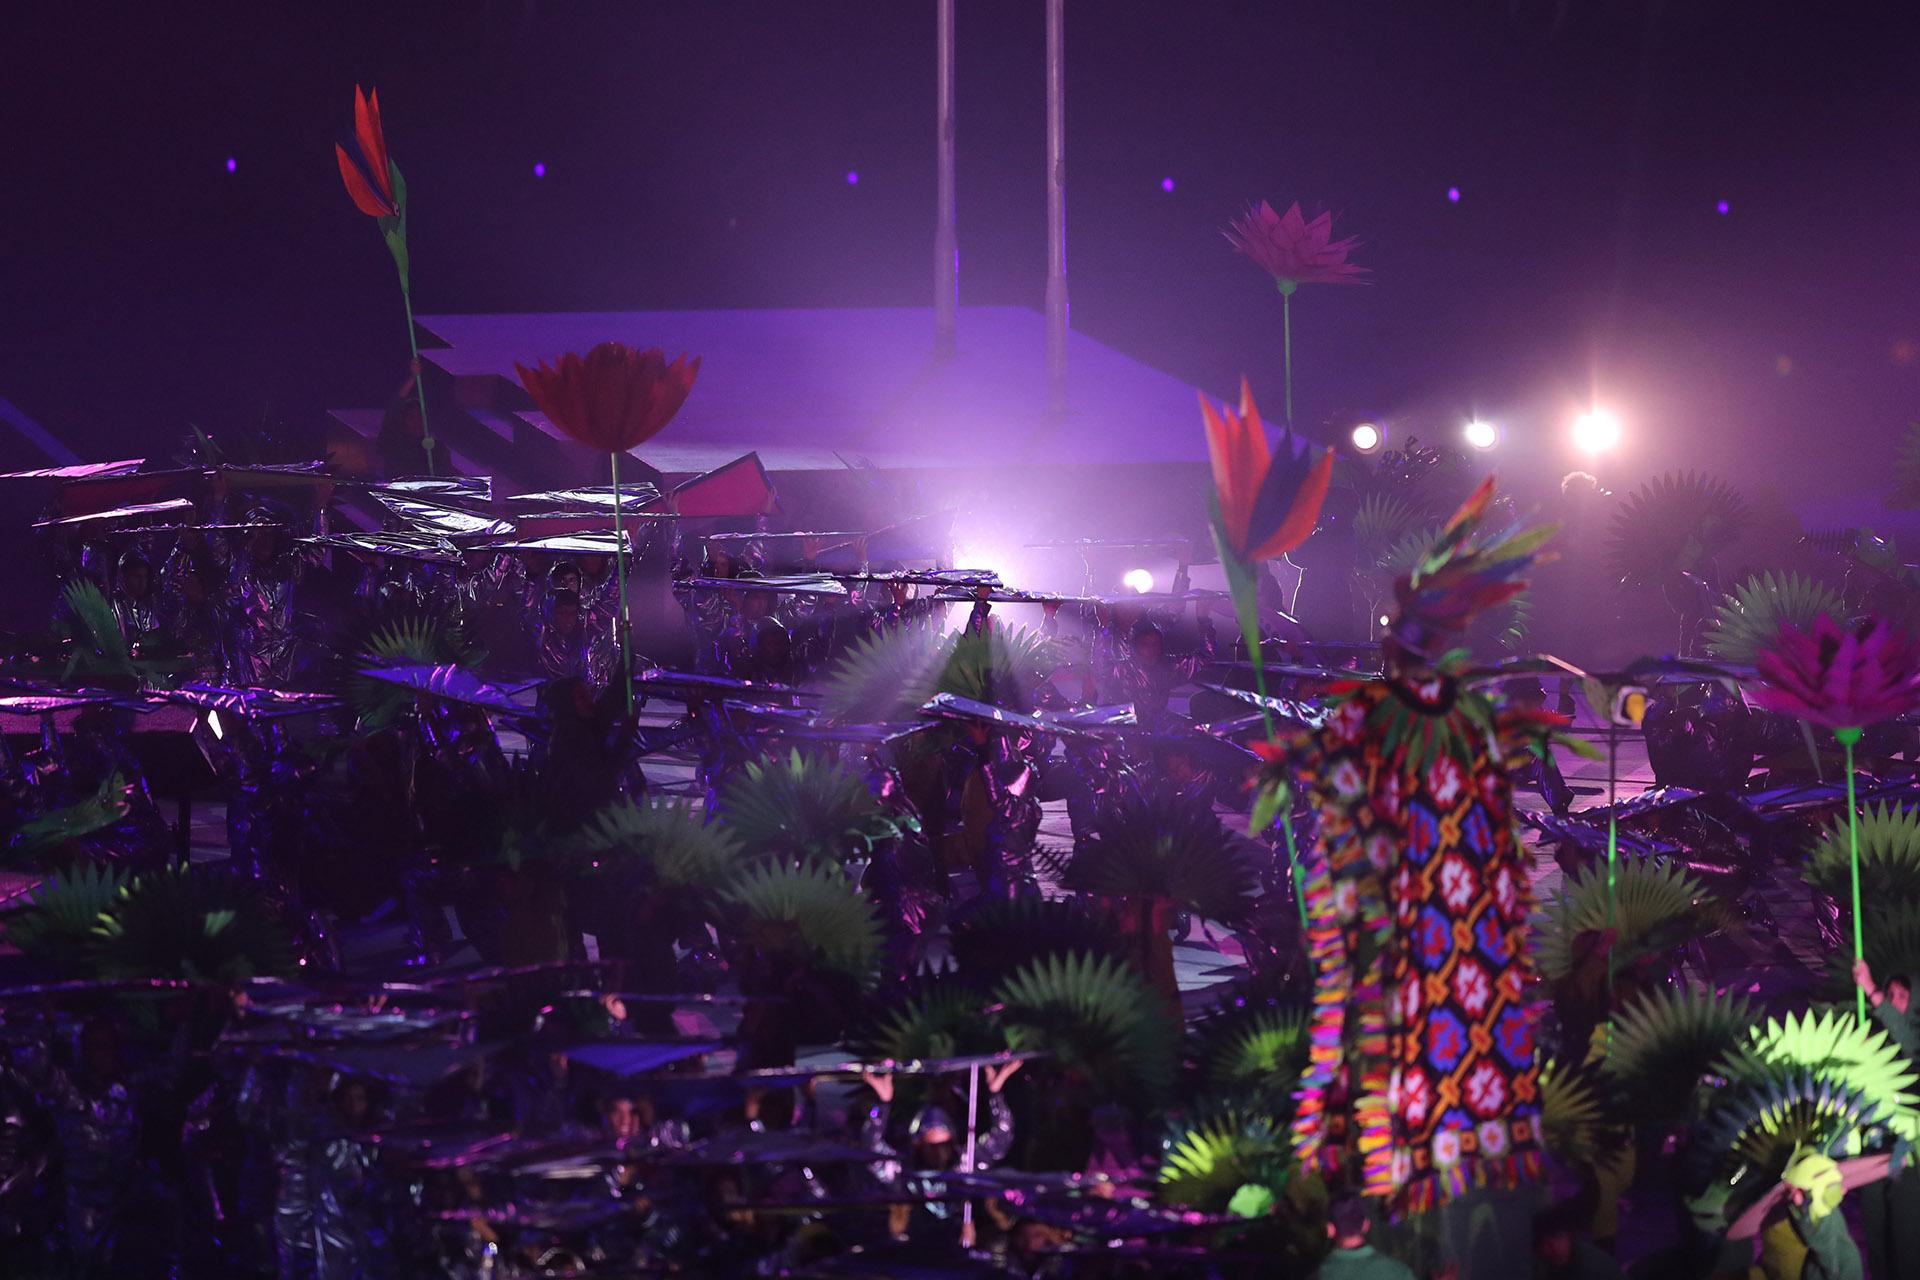 El show de la ceremonia de apertura se extendió por más de dos horas (REUTERS/Ivan Alvarado)